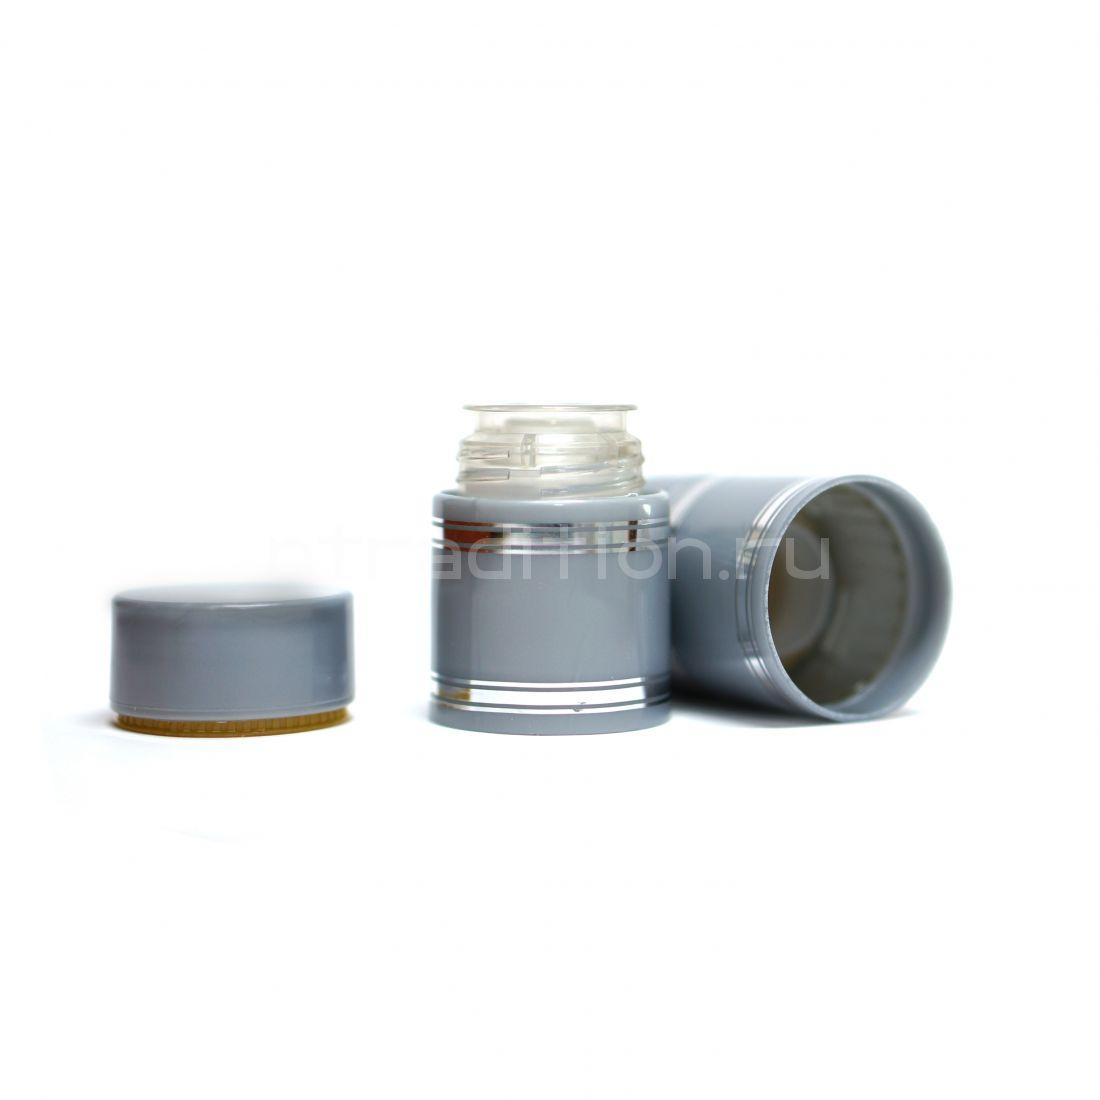 Полимерный колпачок с дозатором серый (Гуала 47 мм) / 10 шт